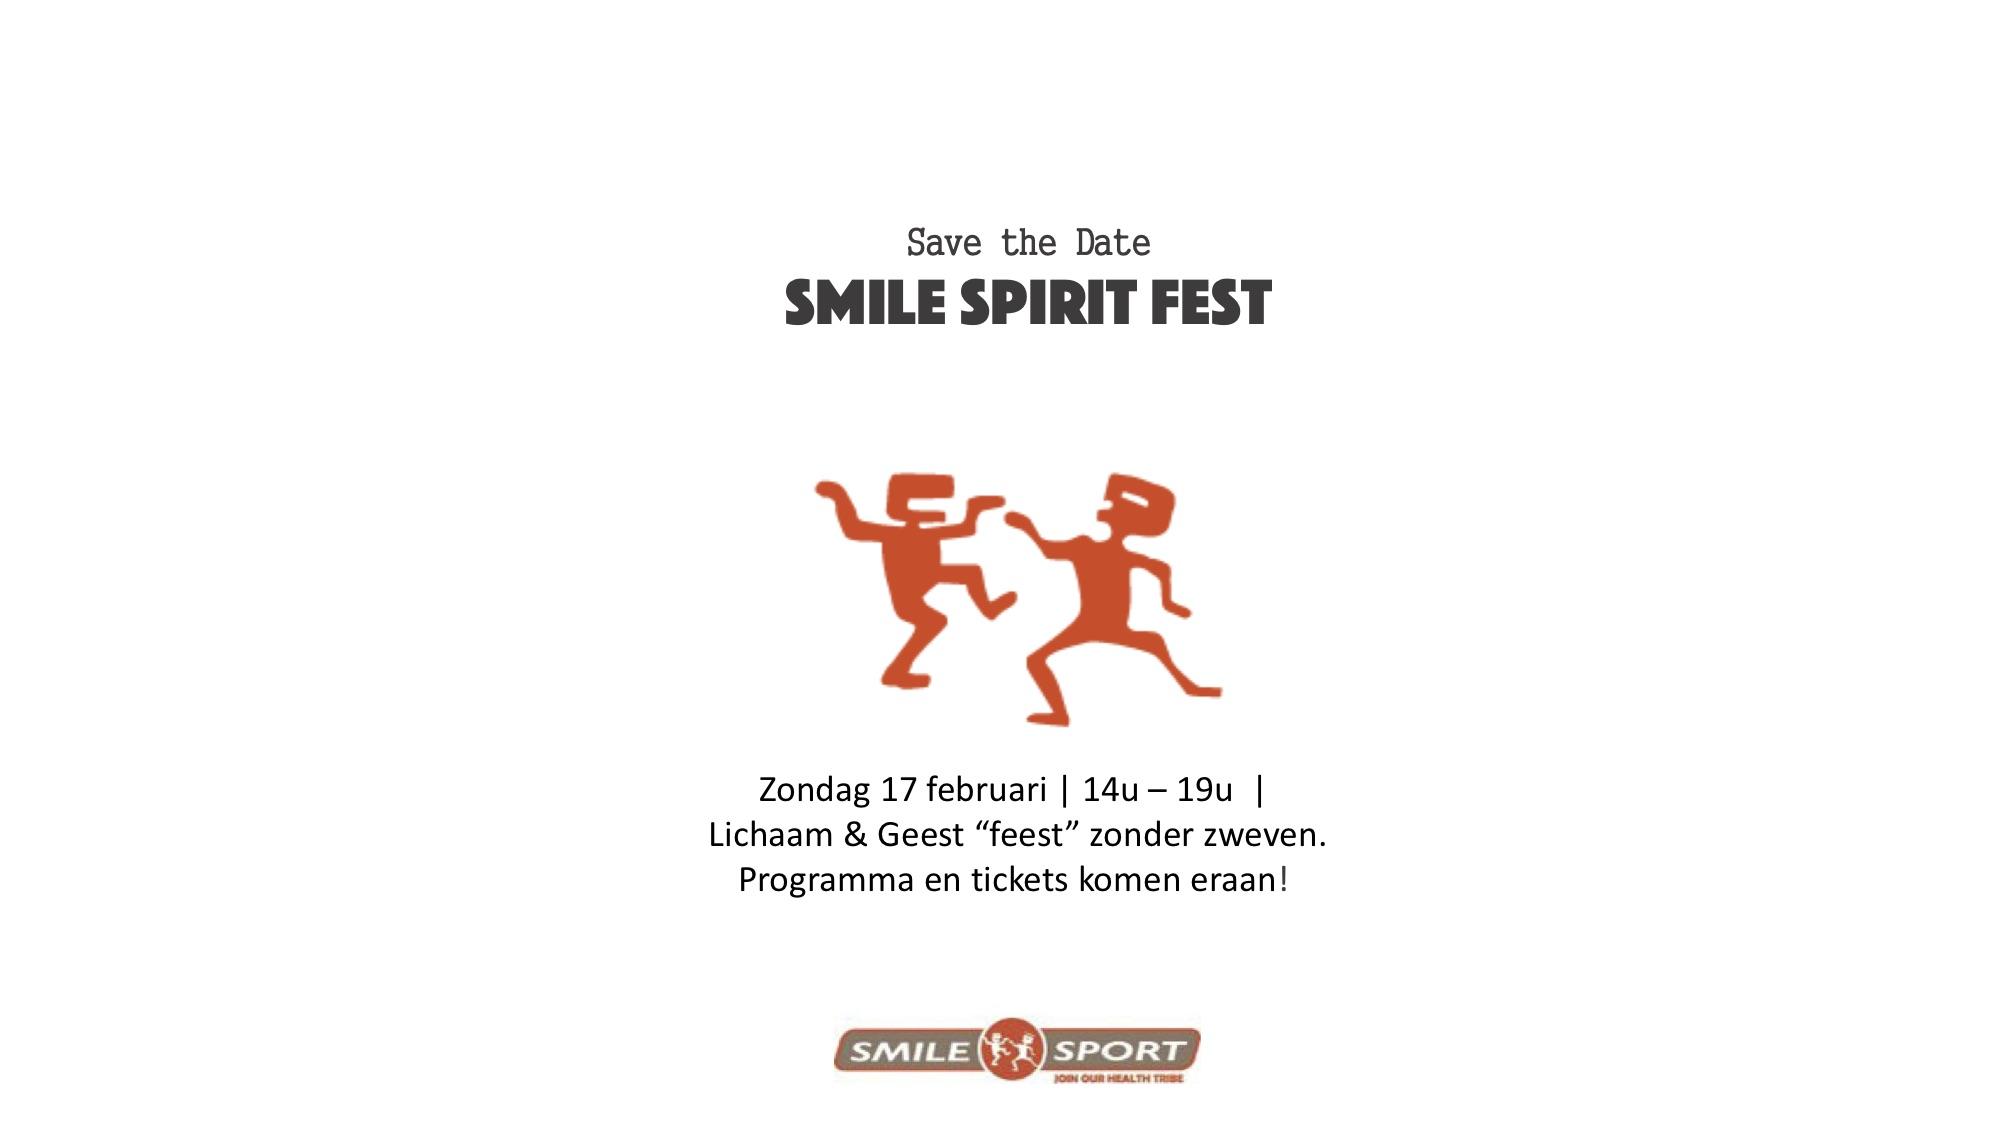 Smile Spirit Fest 2019